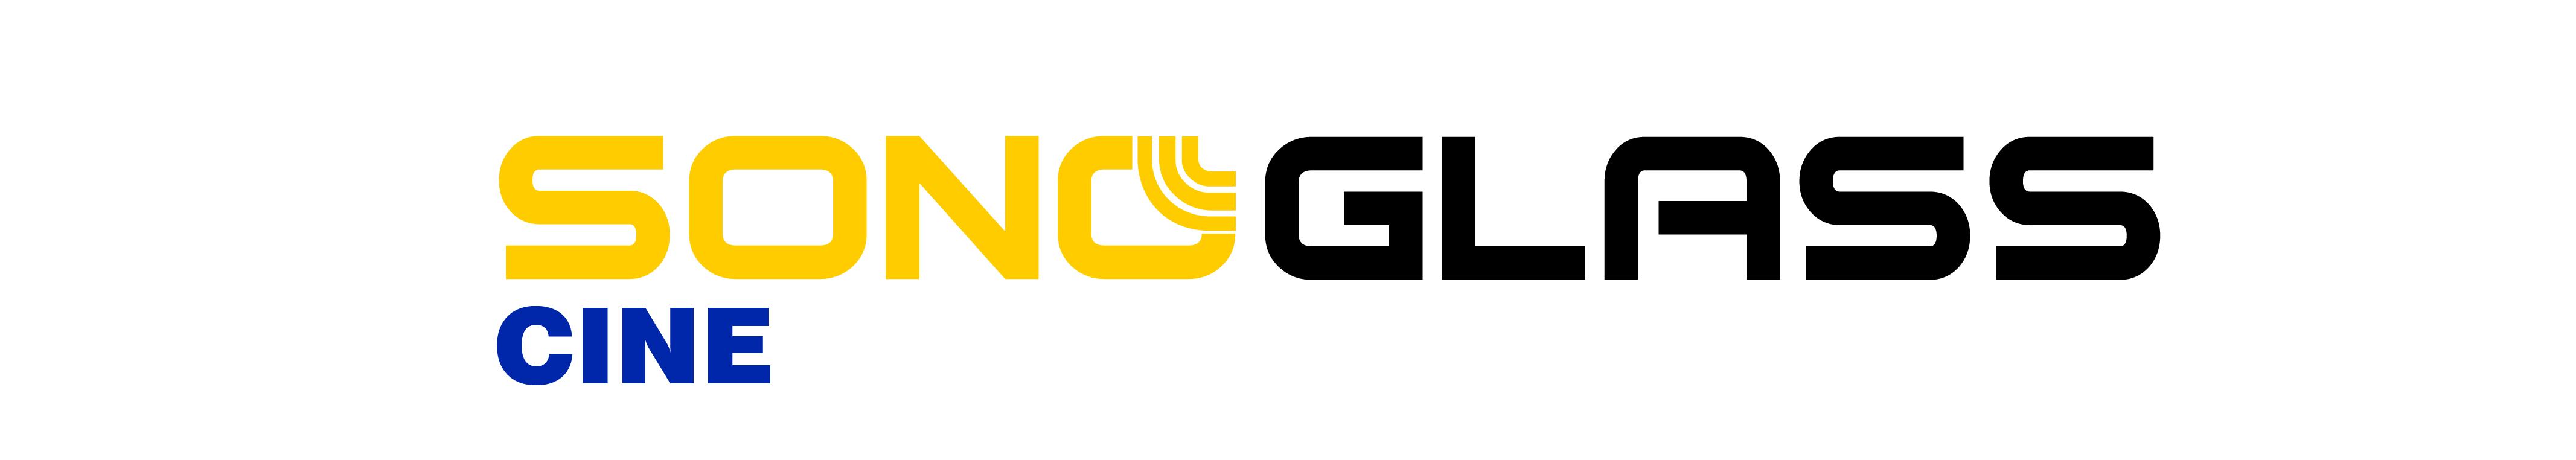 logotipo placa acustica sonoglass cine